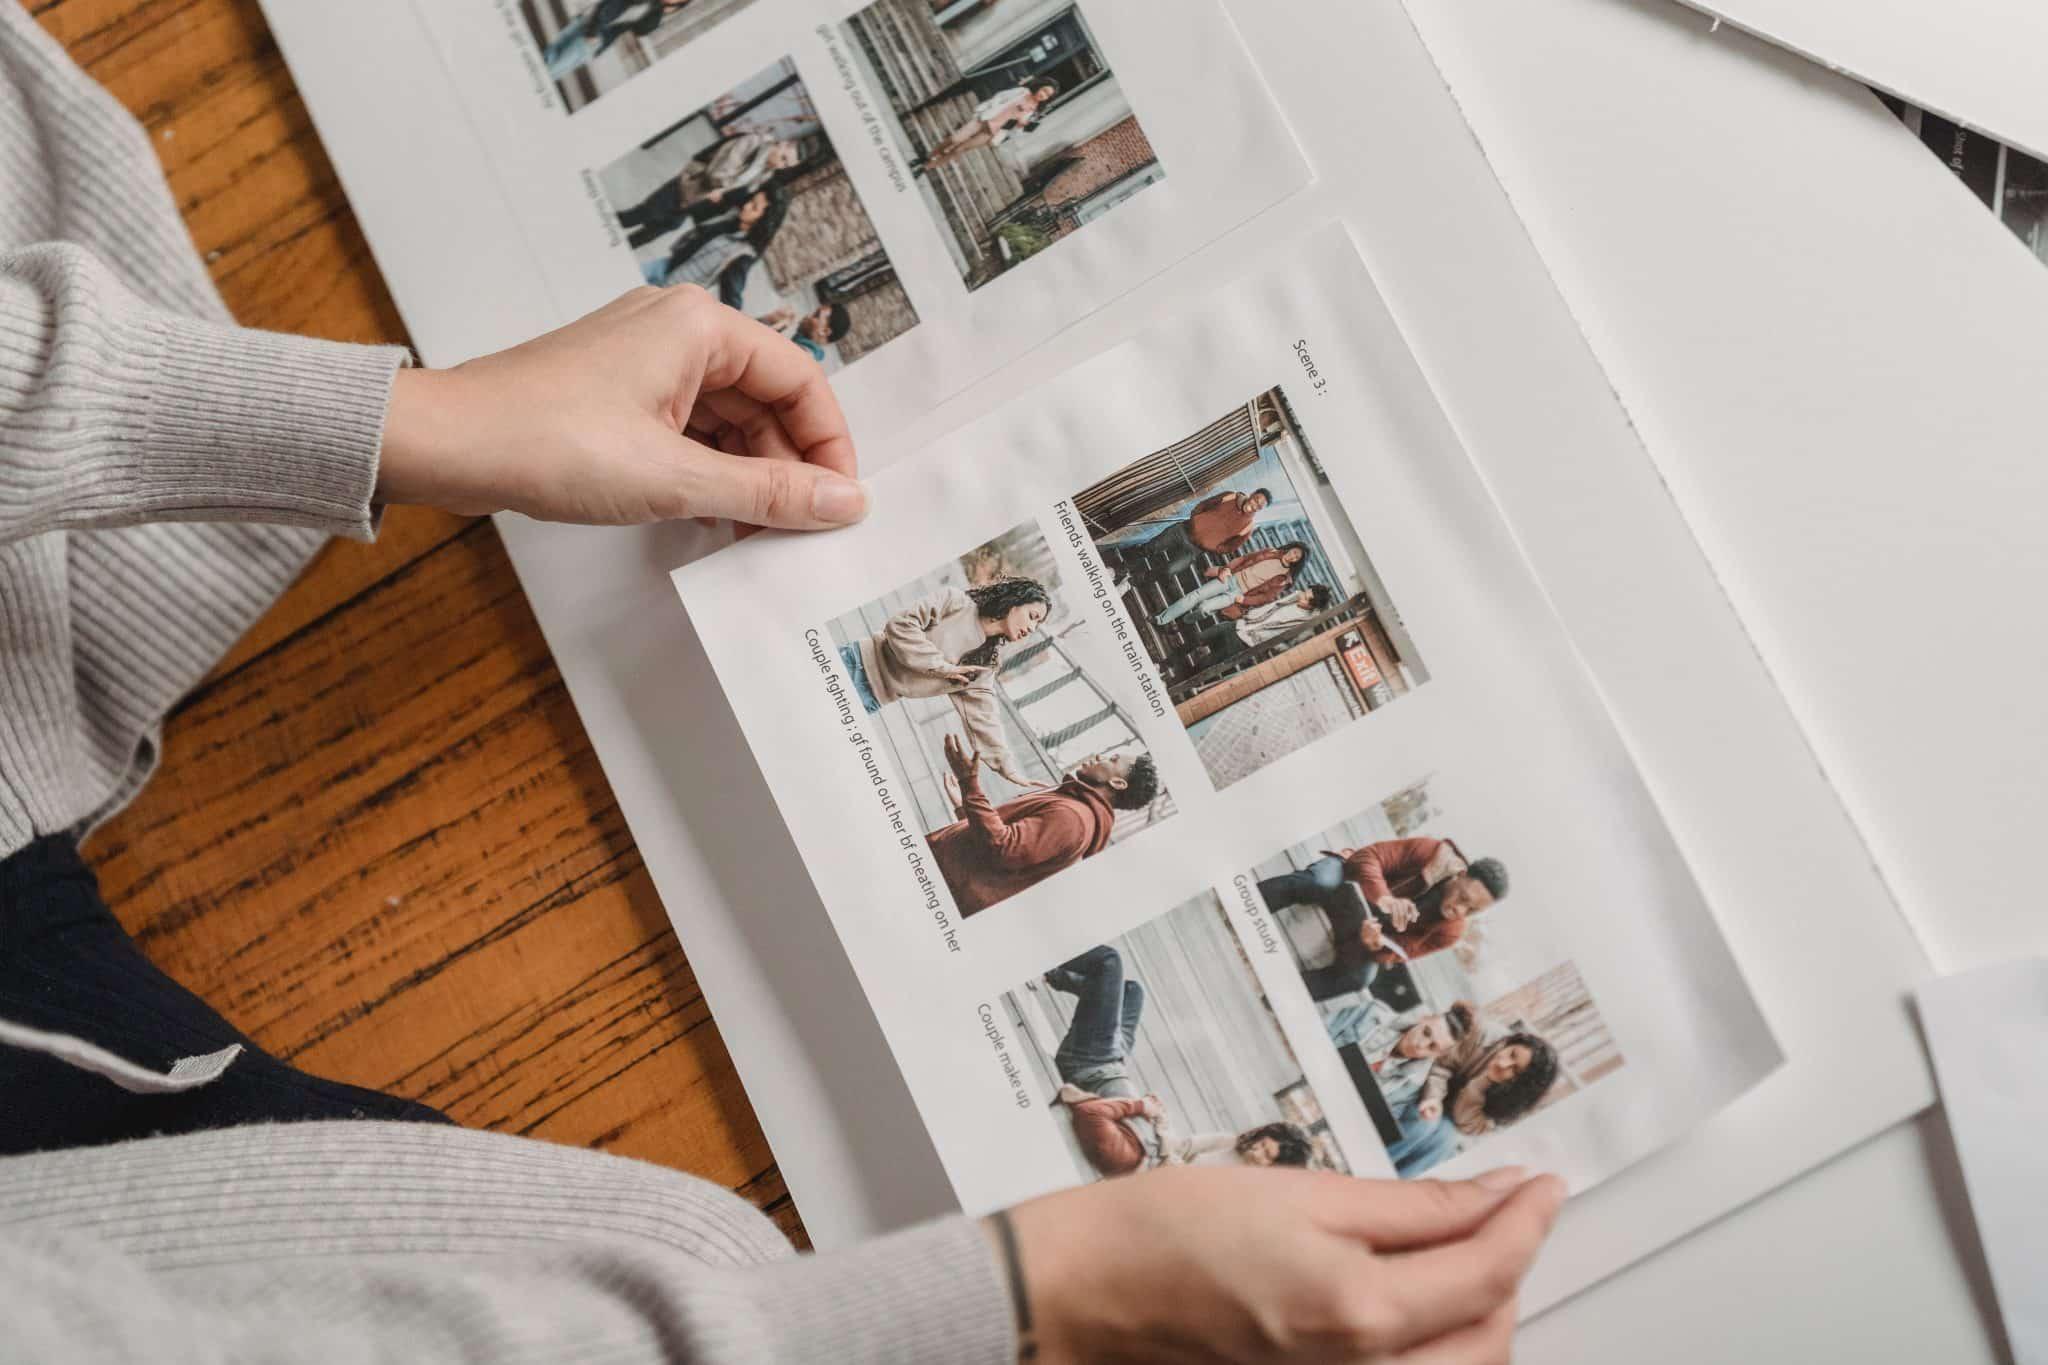 Uma mulher vendo um álbum de fotos